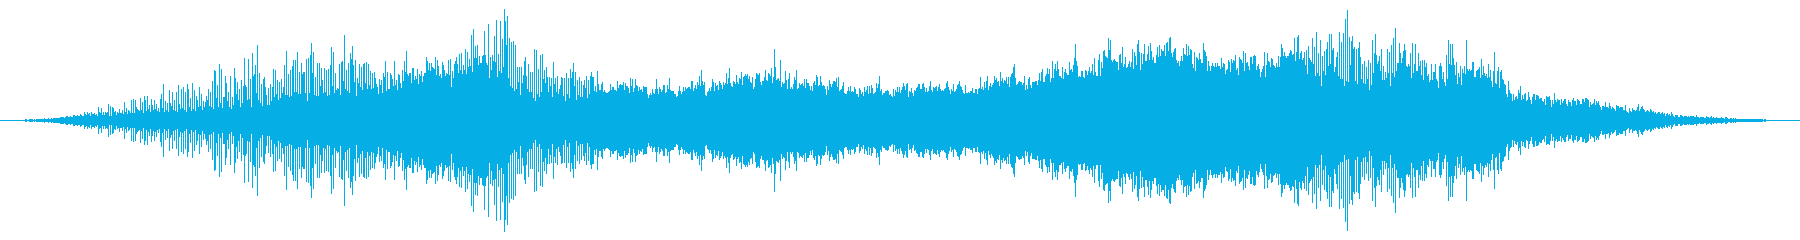 ベル206Bジェットレンジャー:E...の再生済みの波形